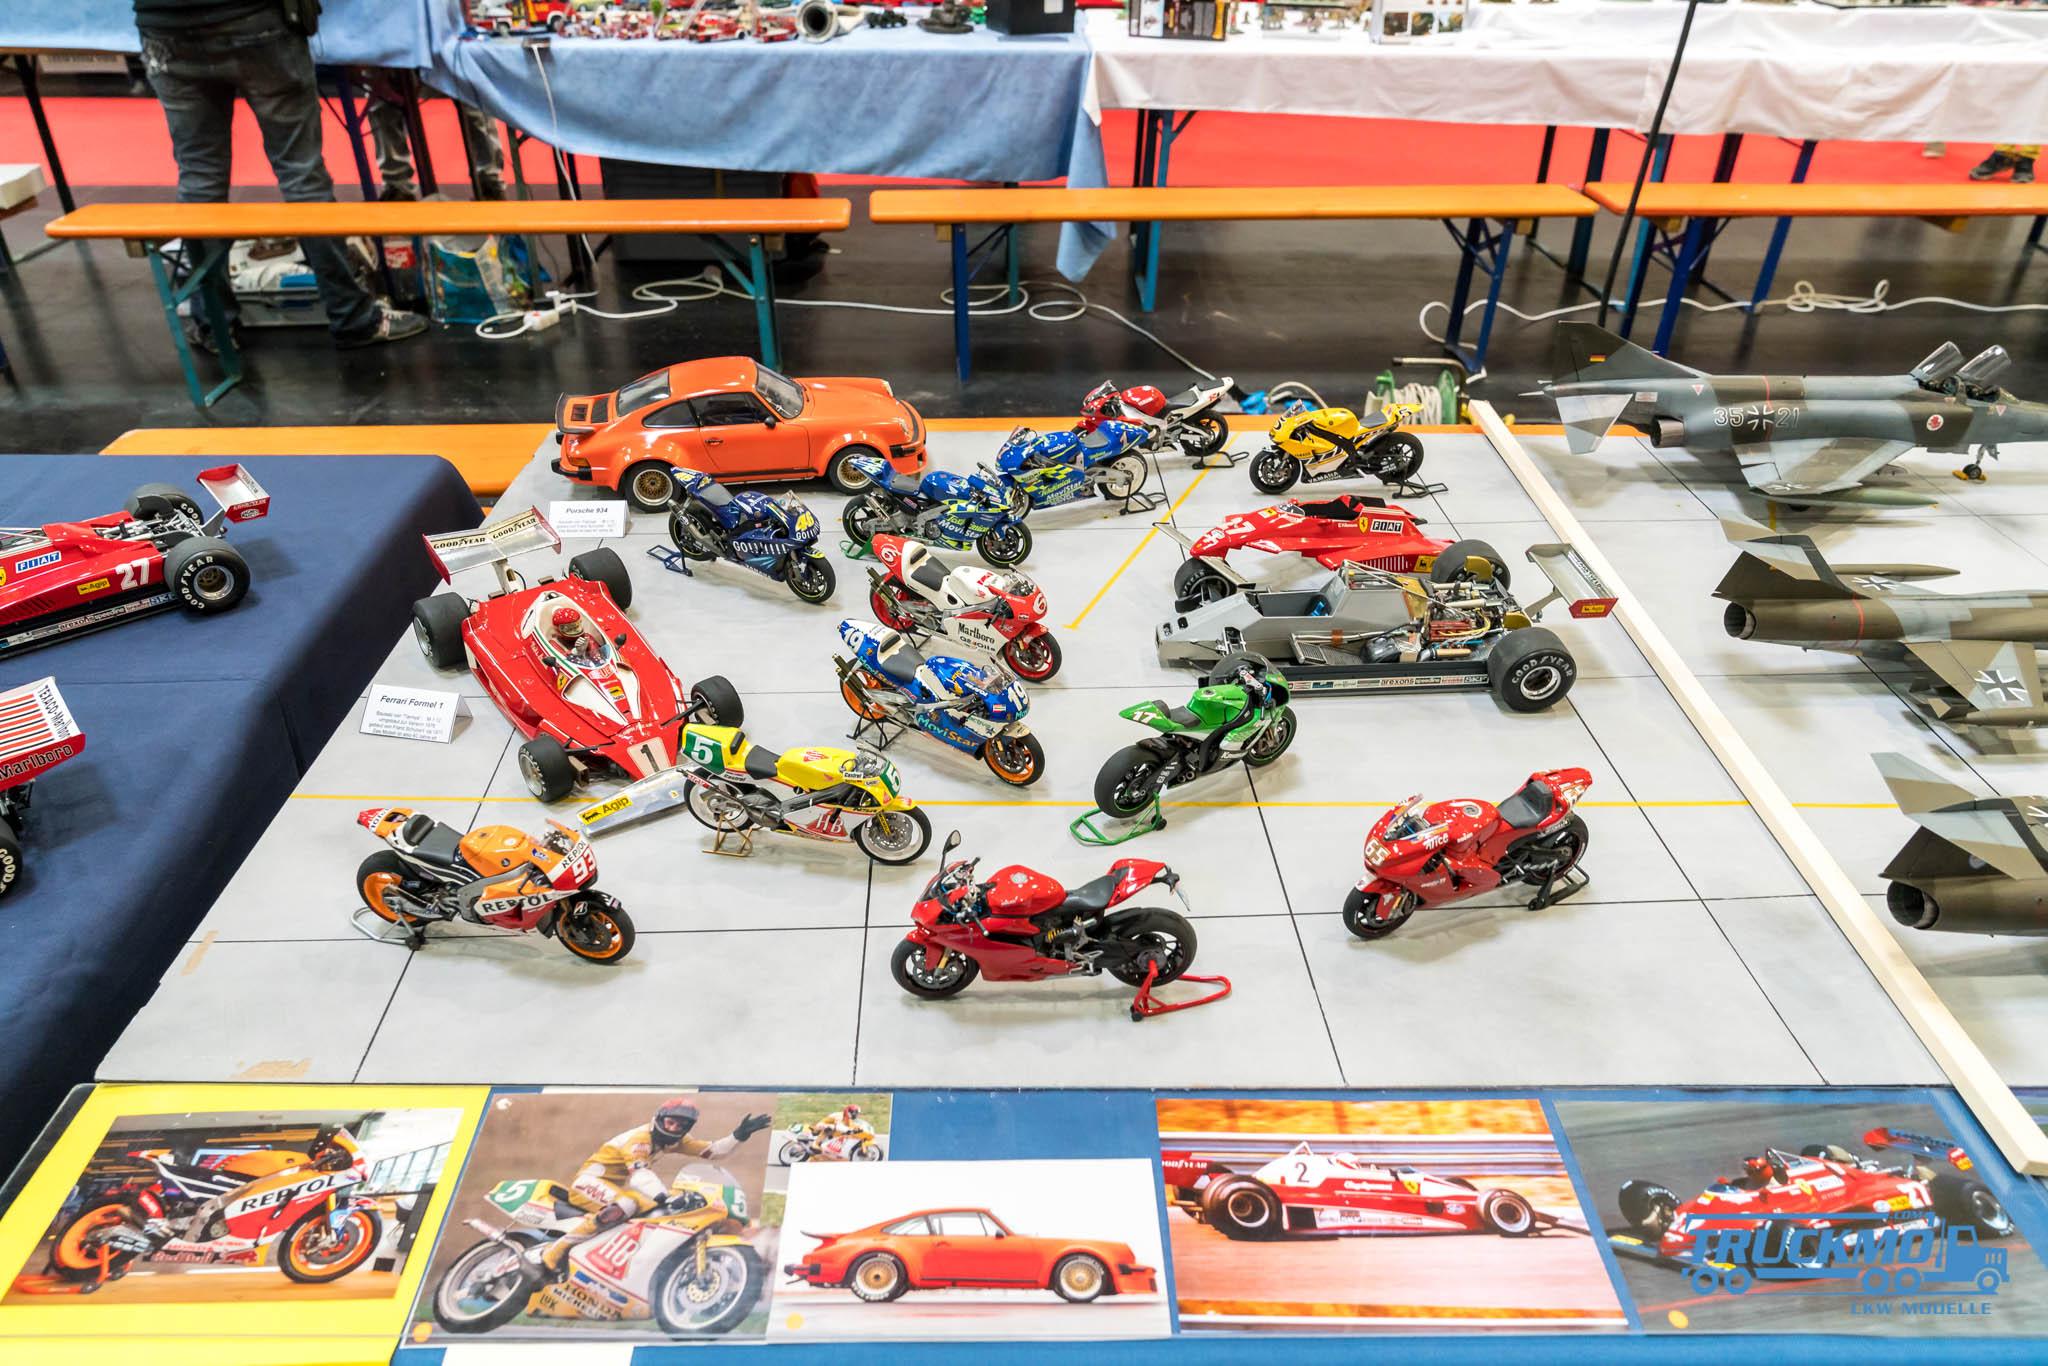 Truckmo_Modellbau_Ried_2017_Herpa_Messe_Modellbauausstellung (342 von 1177)